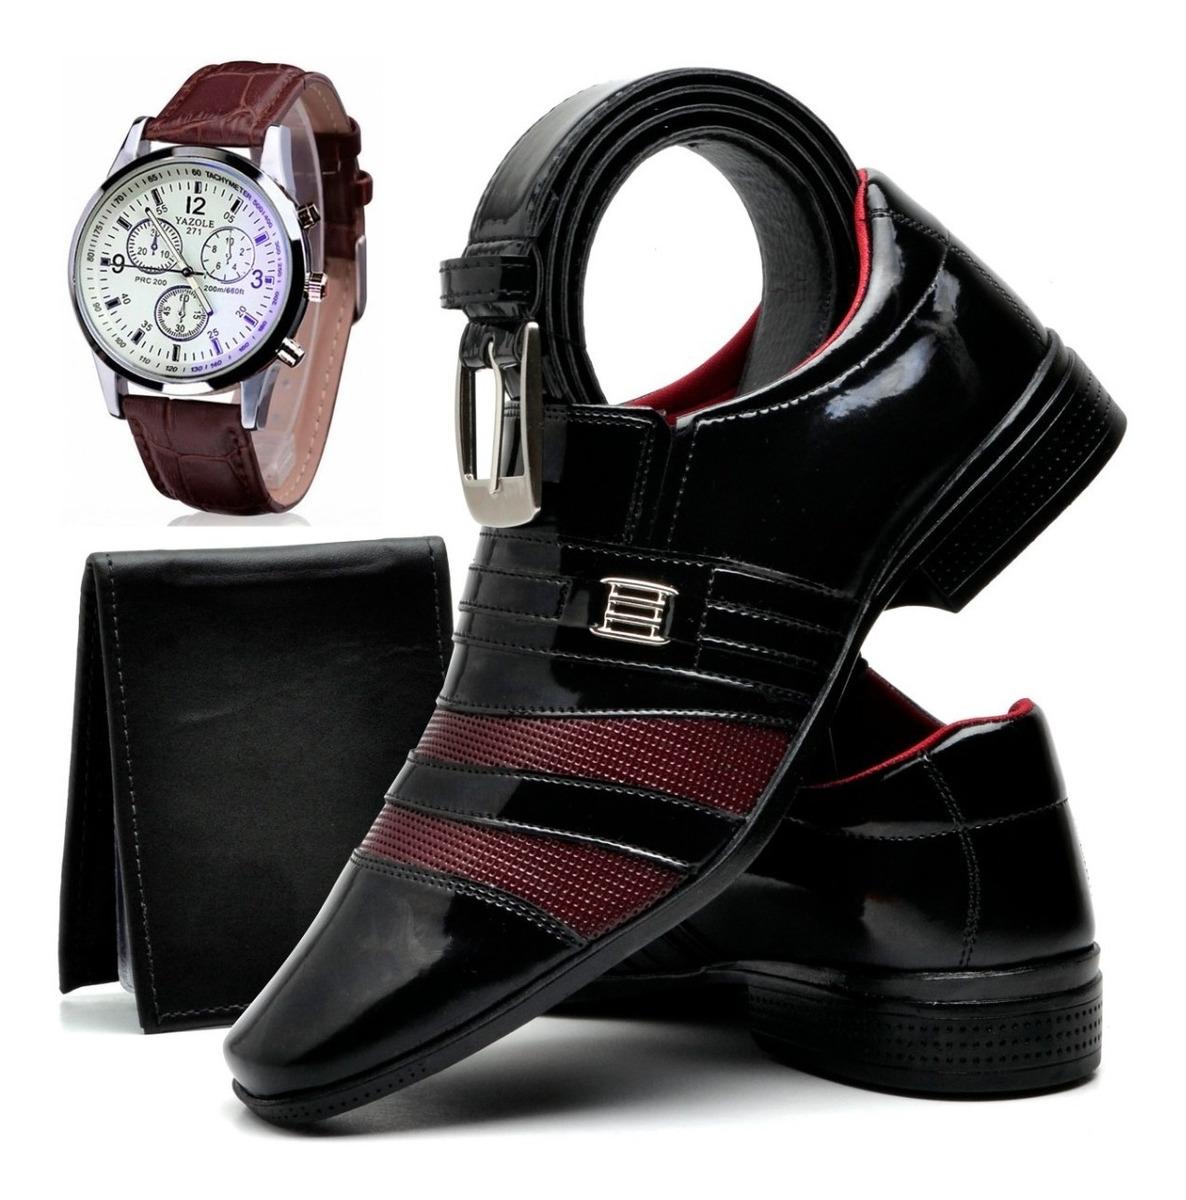 aeea4be0f kit sapato social masculino verniz + relógio cinto carteira. Carregando  zoom.